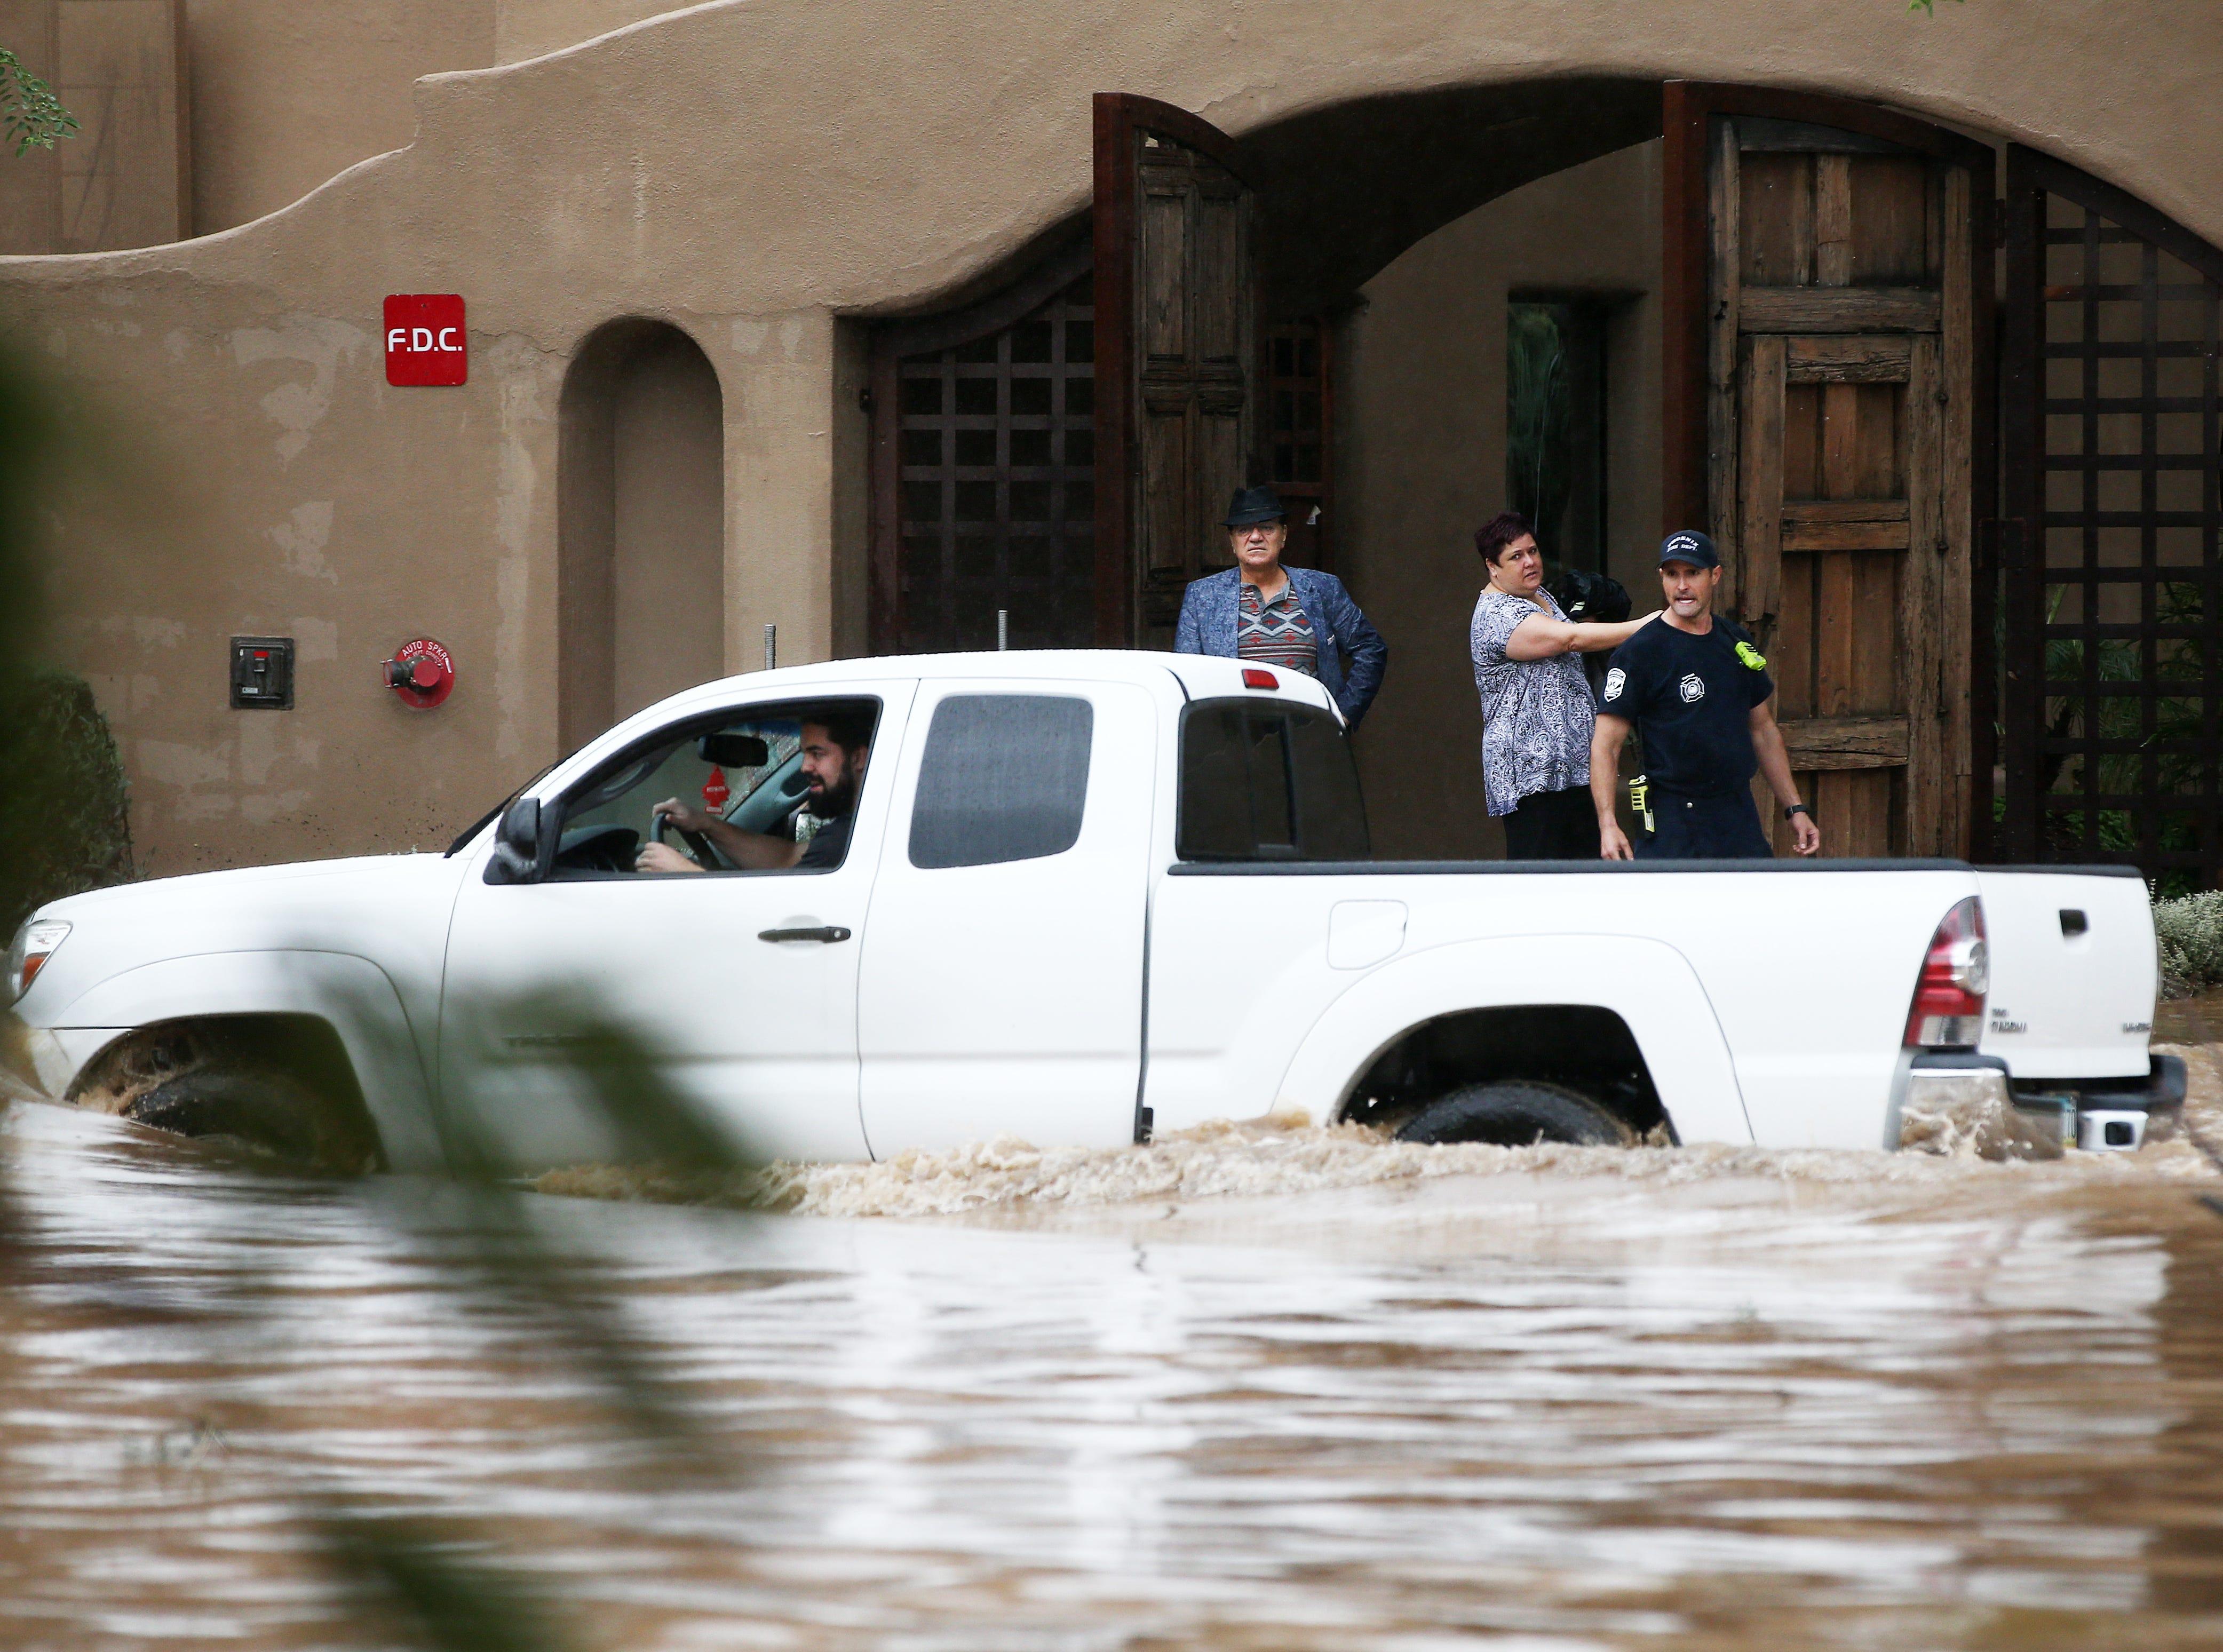 Imágenes de la llegada del clima lluvioso a Arizona el martes 2 de octubre, 2018, provocado por el Huracán Rosa